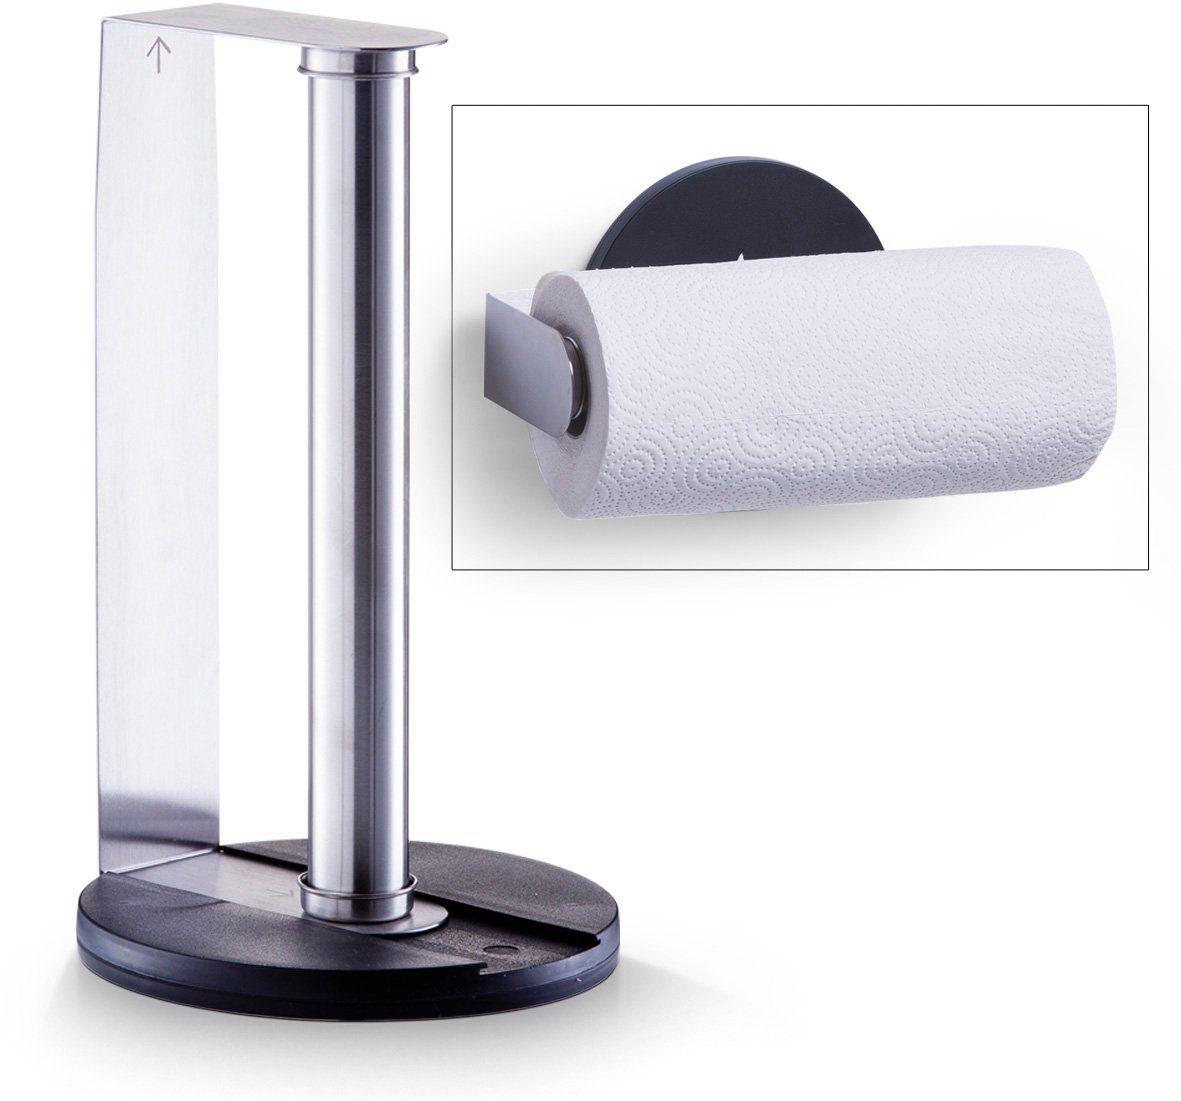 Wenko CUPCAKE Magnetischer Küchenrollenhalter mit Folienspender  Edelstahl Glas